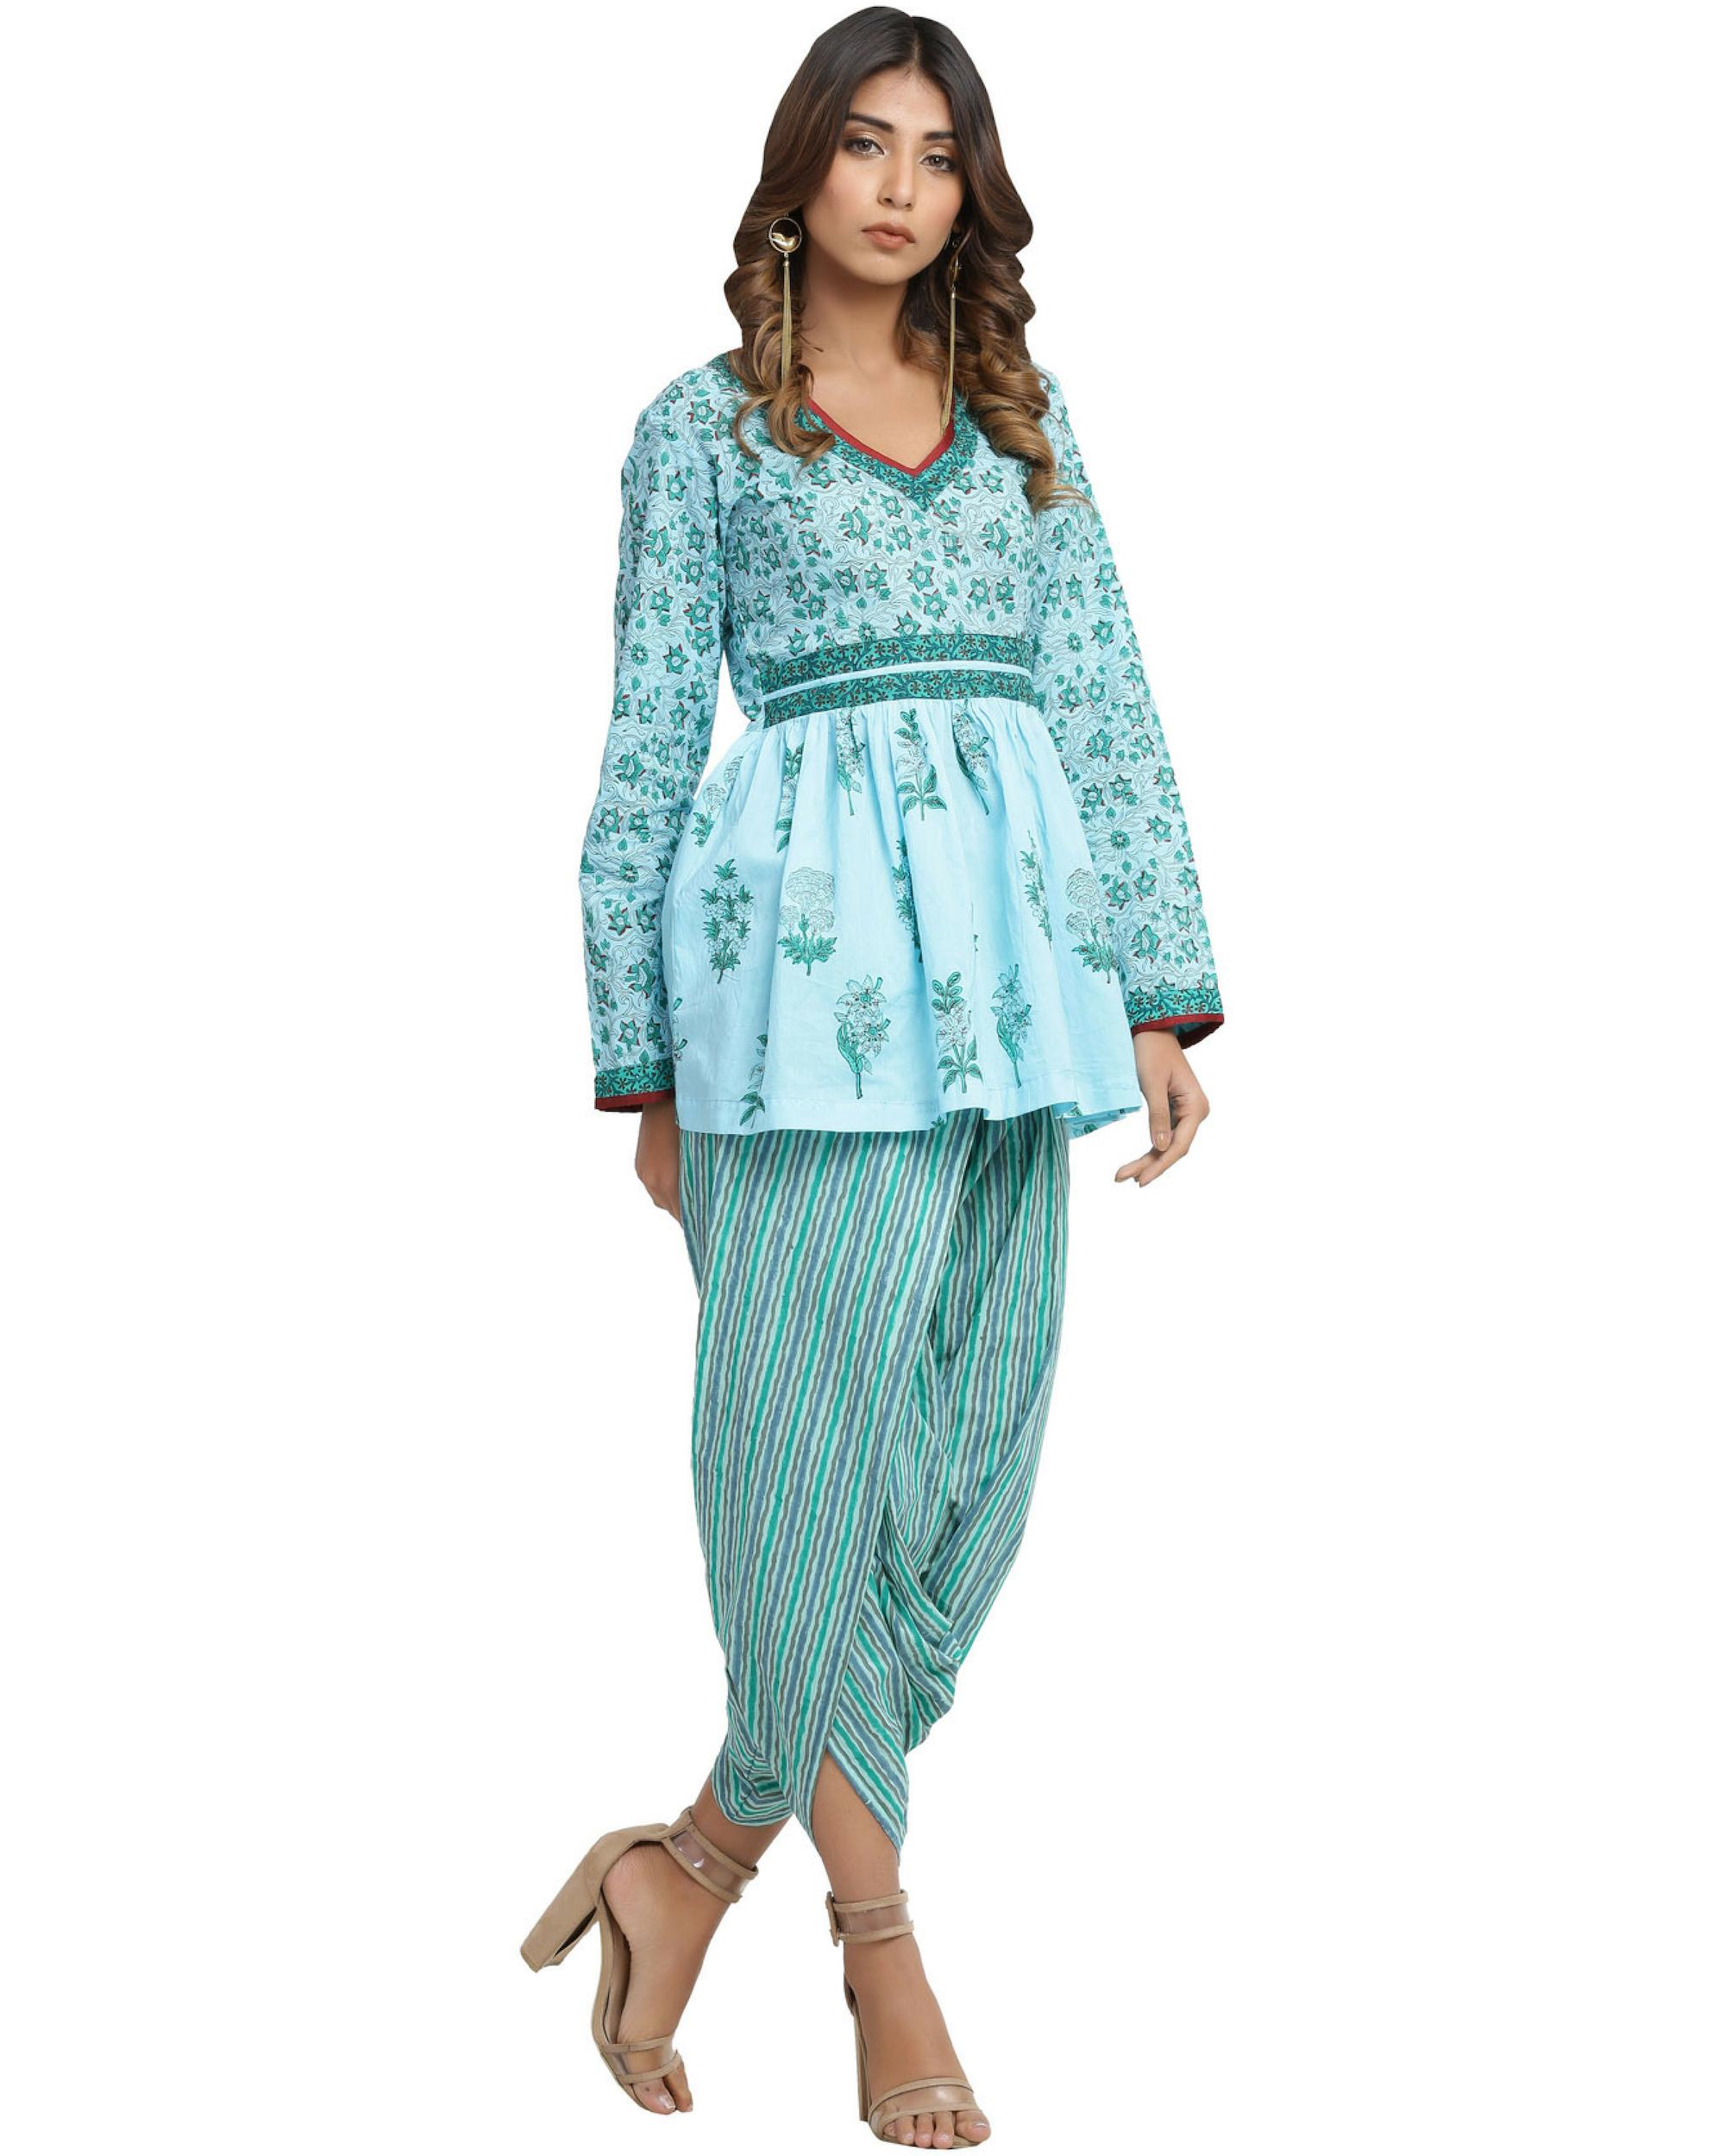 Turquoise dhoti set